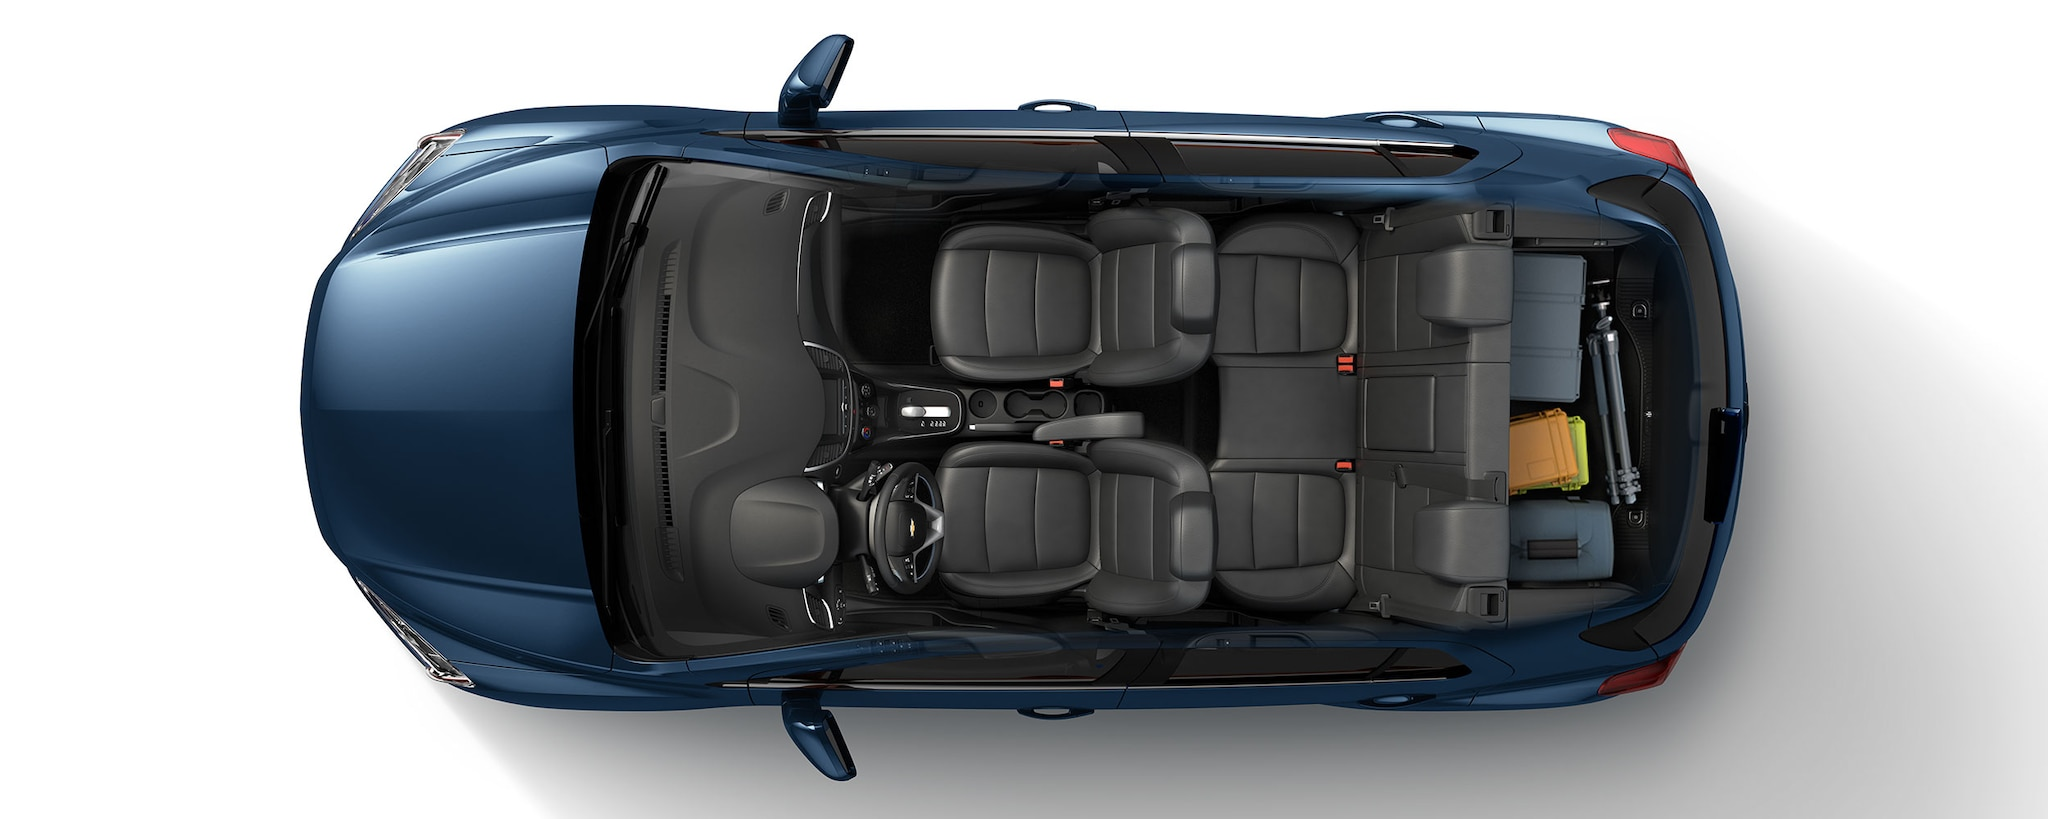 Carga de la SUV Trax 2019 compacta: Artista